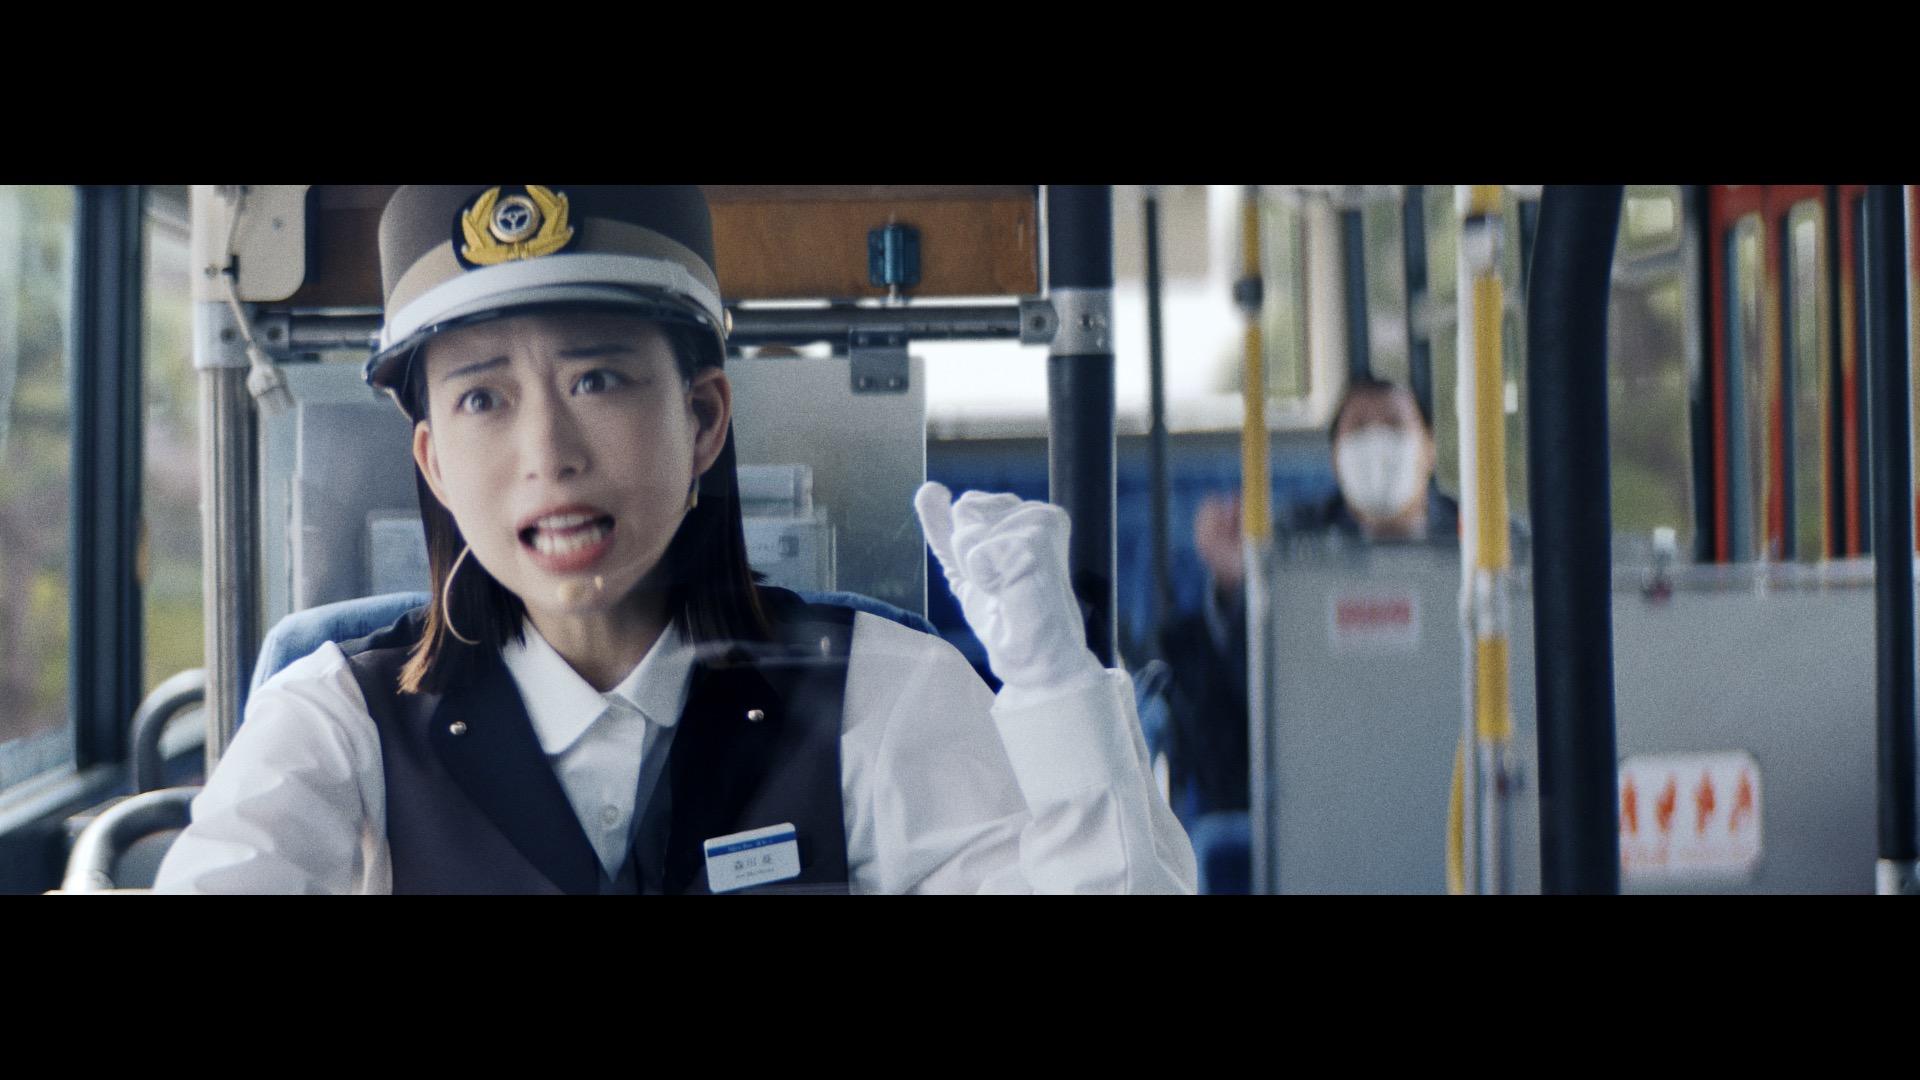 森川葵(もりかわ あおい)FRISK CM ACTRESS(女優)